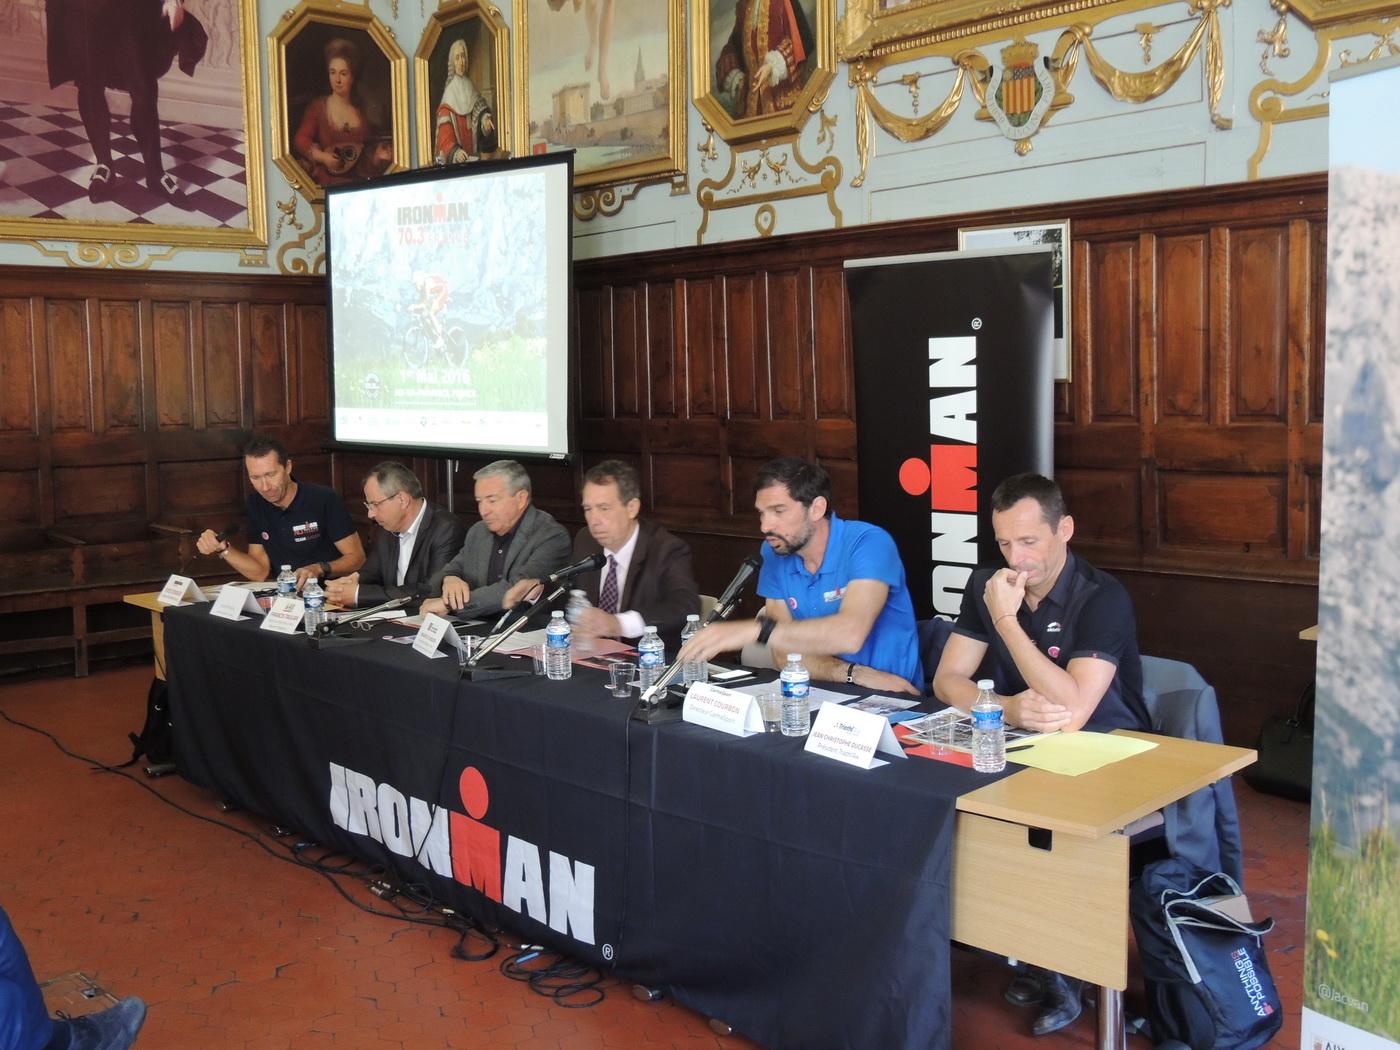 IRONMAN 70.3 du Pays d'Aix: la conférence de presse